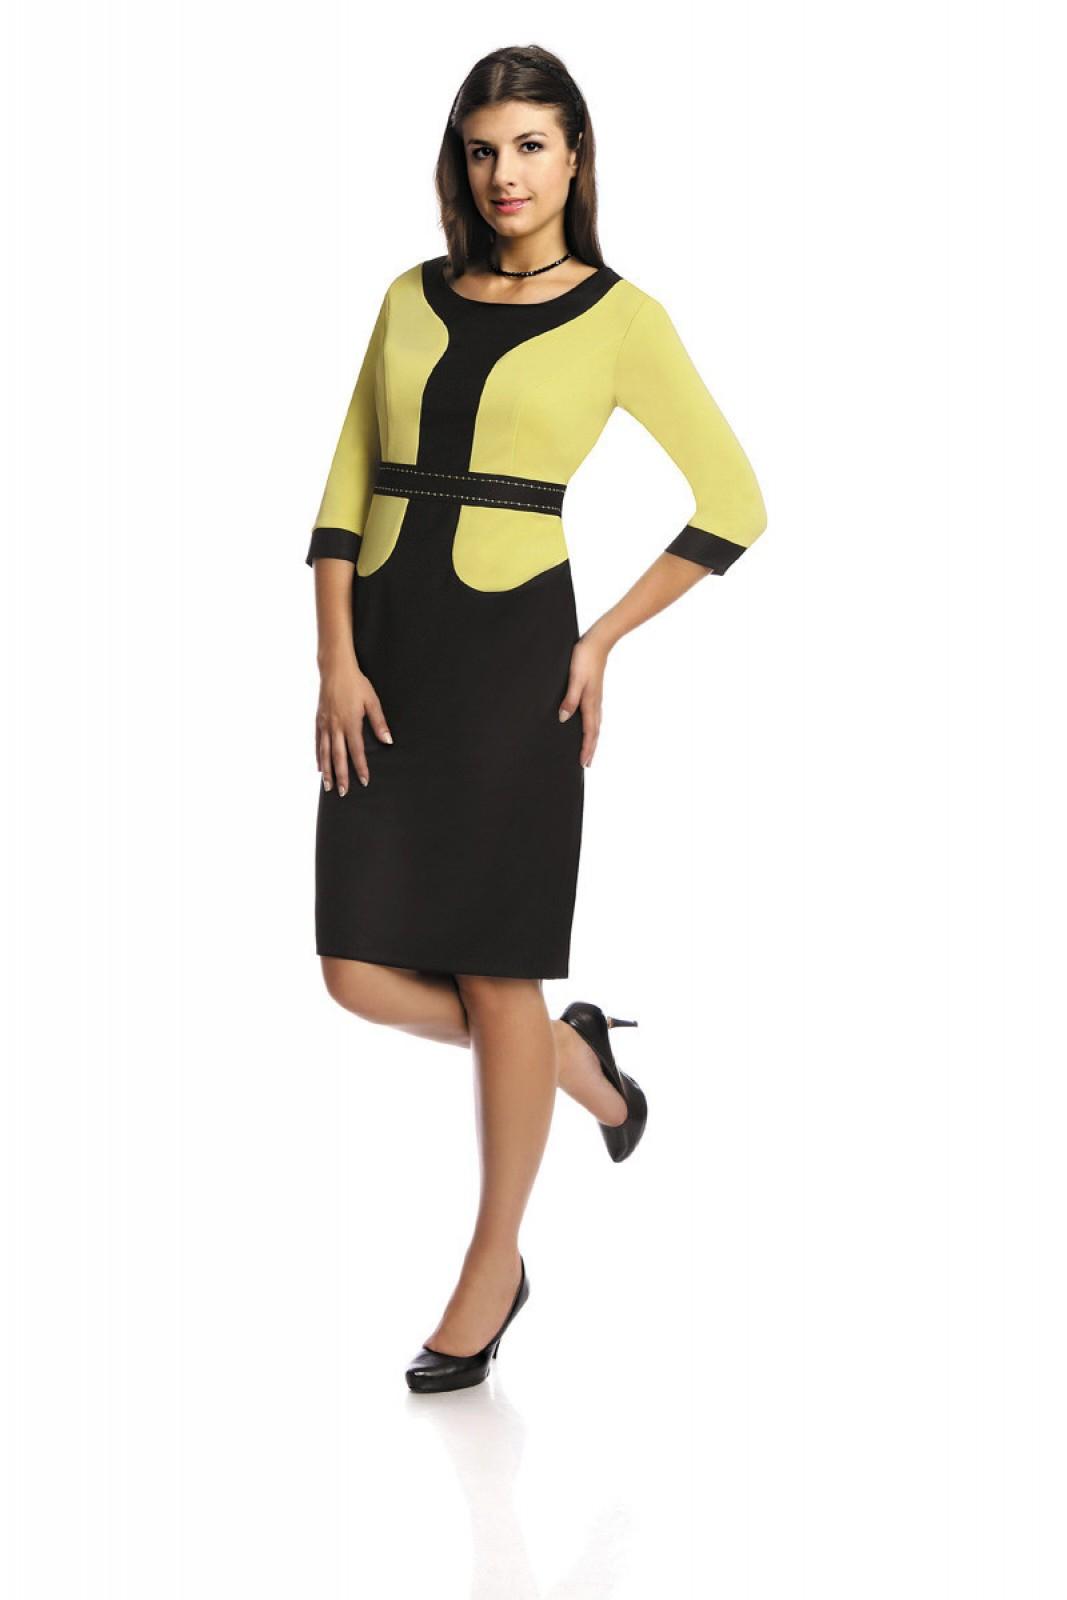 business kleider preiswert online kaufen bei kleider. Black Bedroom Furniture Sets. Home Design Ideas